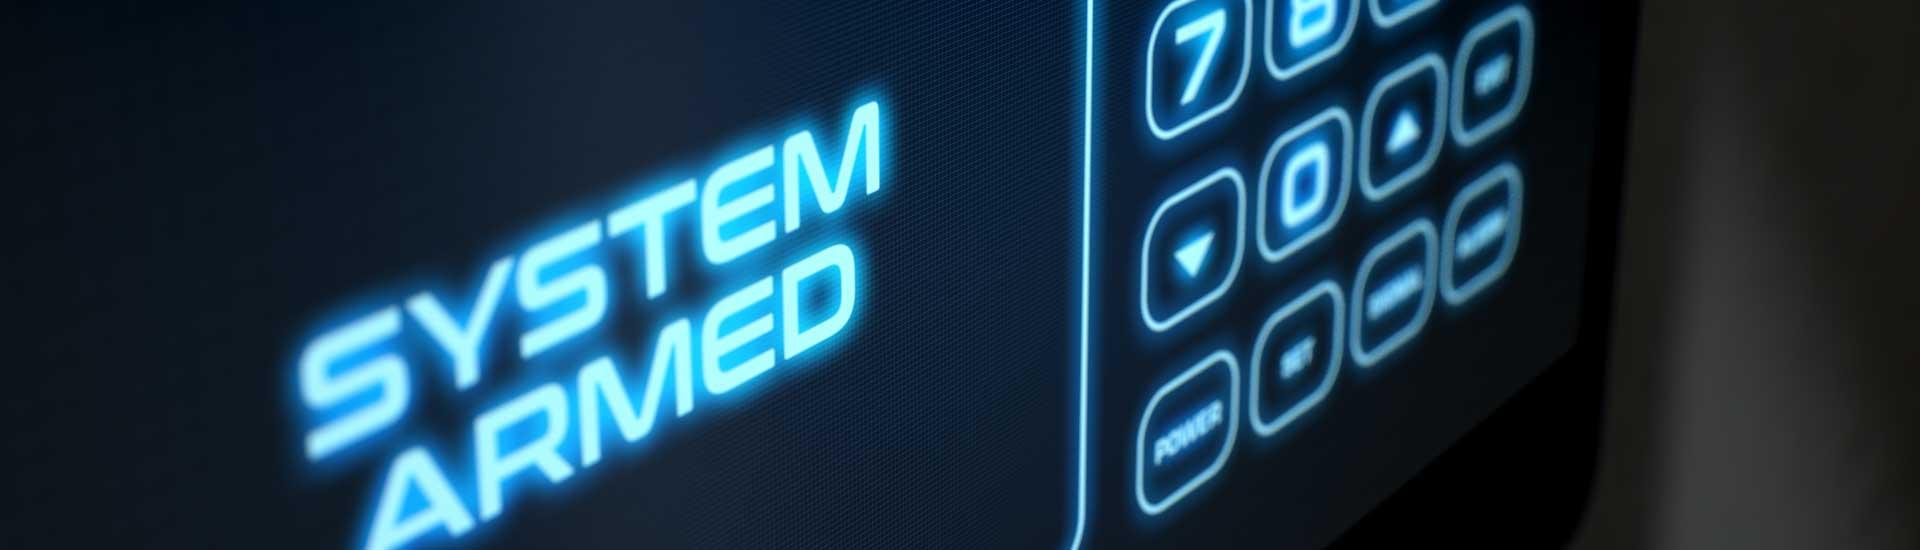 Demandez nos compétences d'installateur de système de sécurité